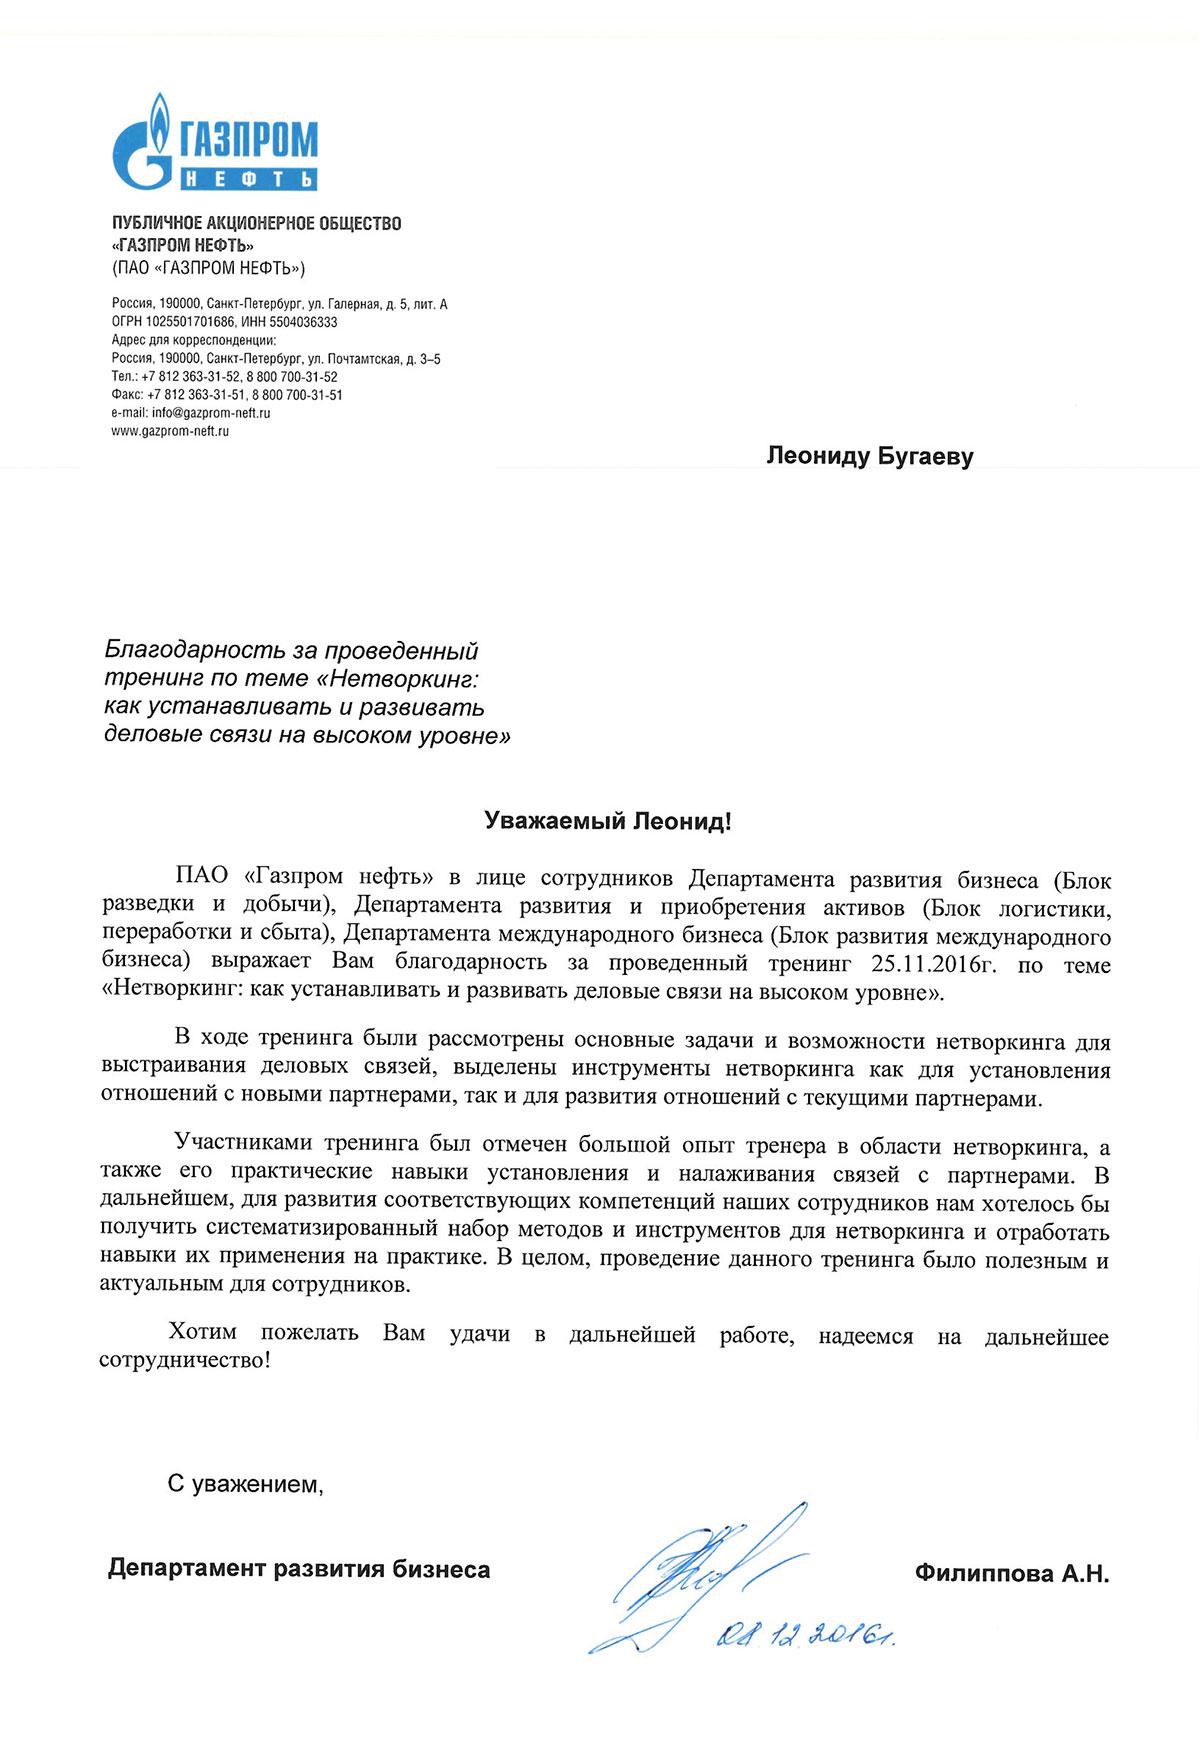 Благодарность Леониду Бугаеву от ПАО Газпром нефть